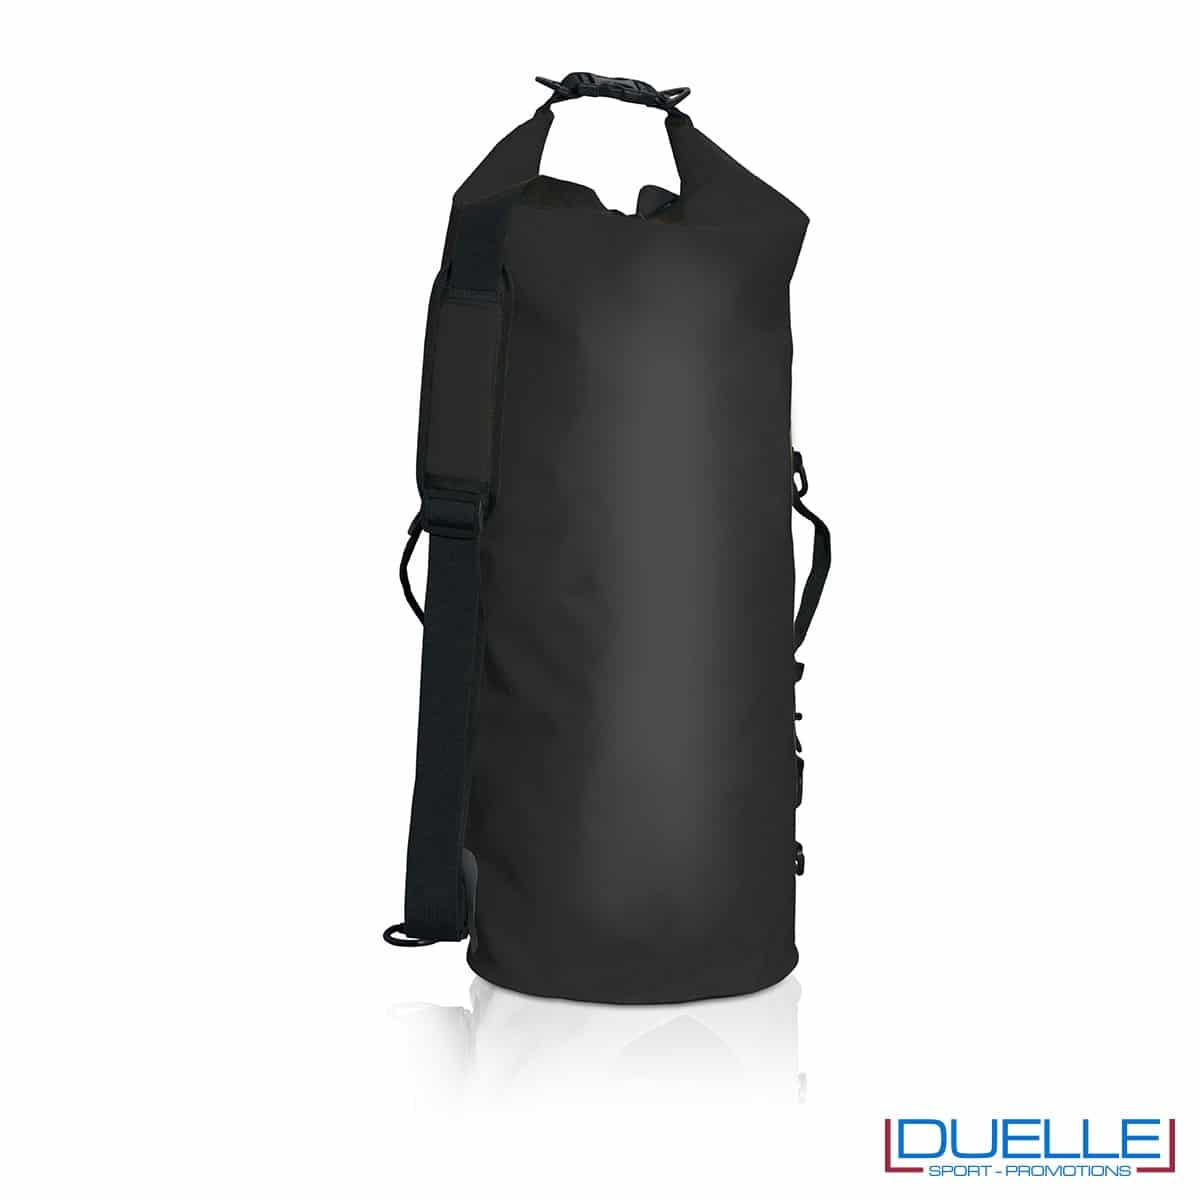 zaino impermeabile personalizzato nero, sacche mare impermeabili personalizzate in colore nero